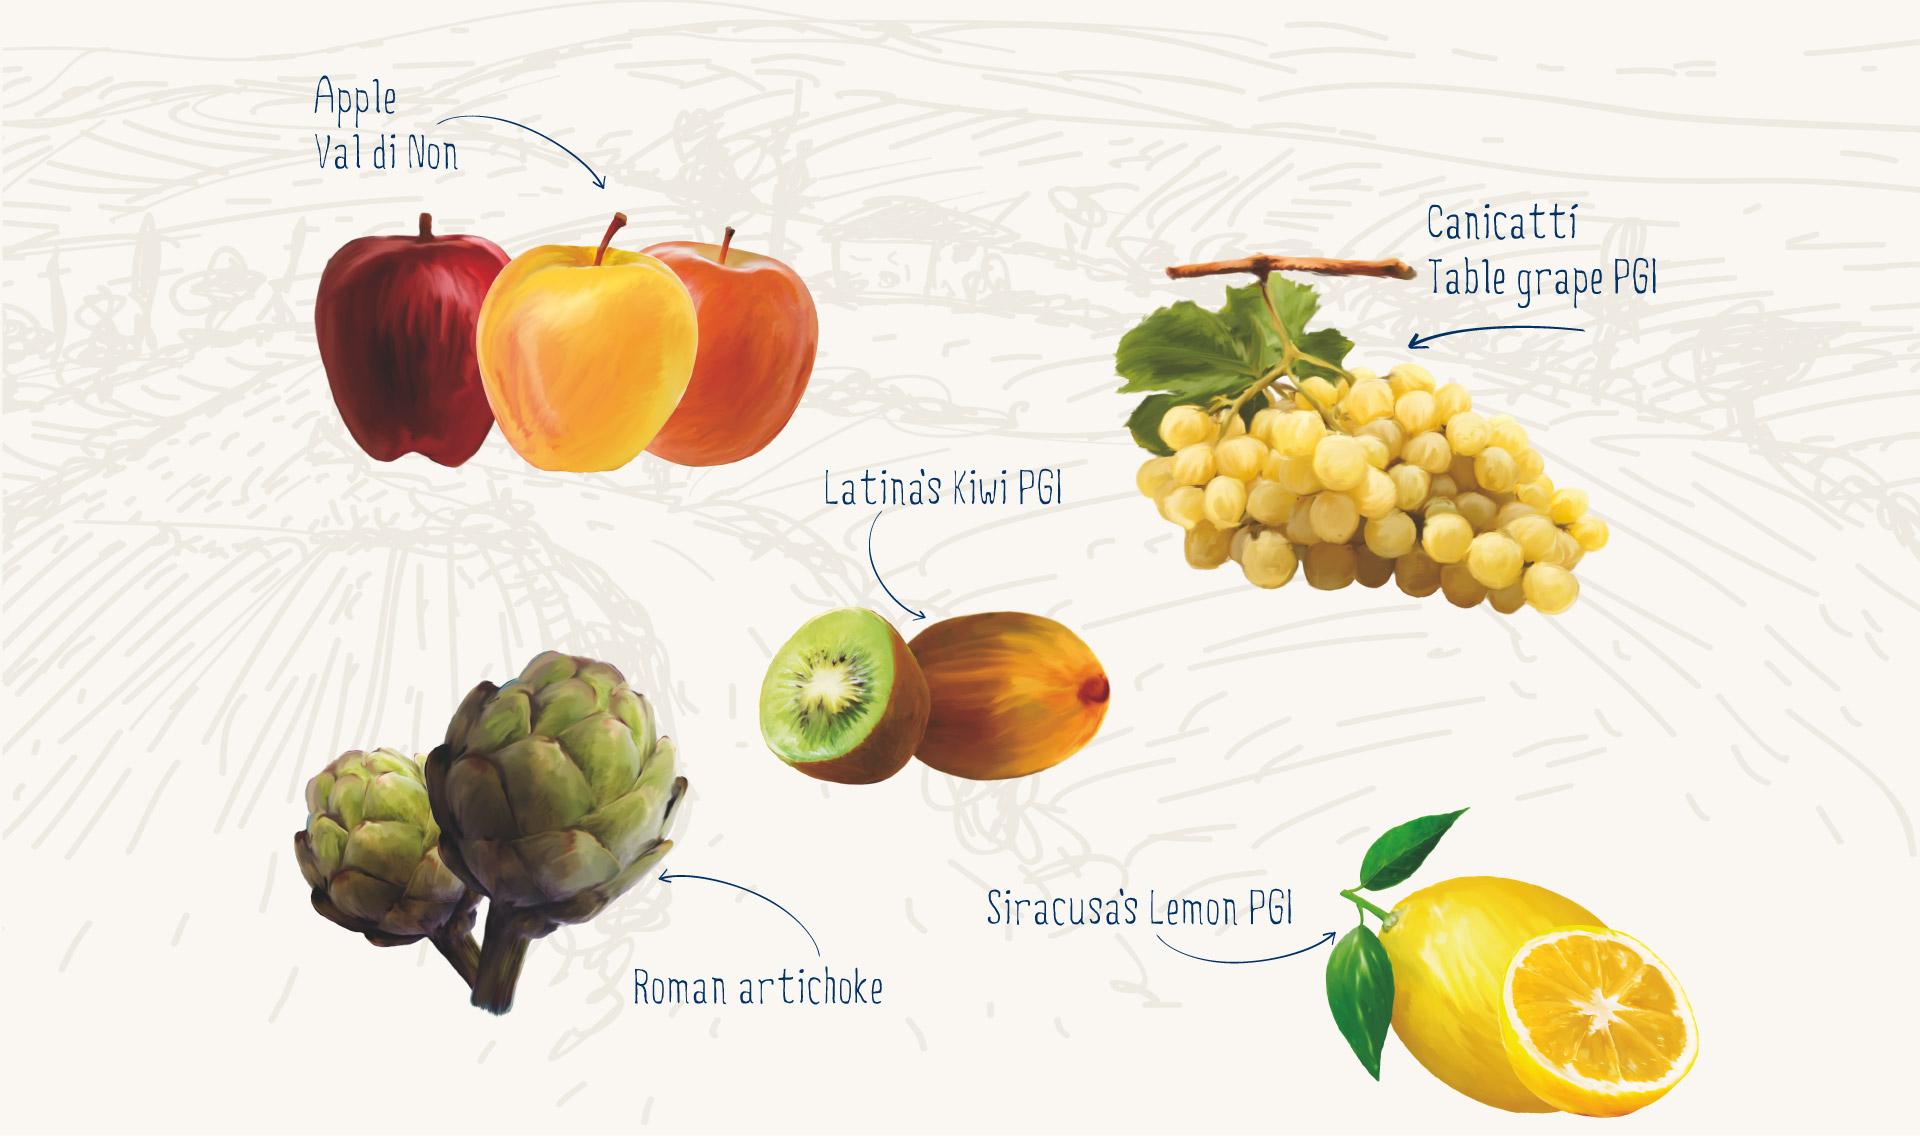 produzione-frutta-larga-scala-organizzazione-produttori-agrinsieme-en